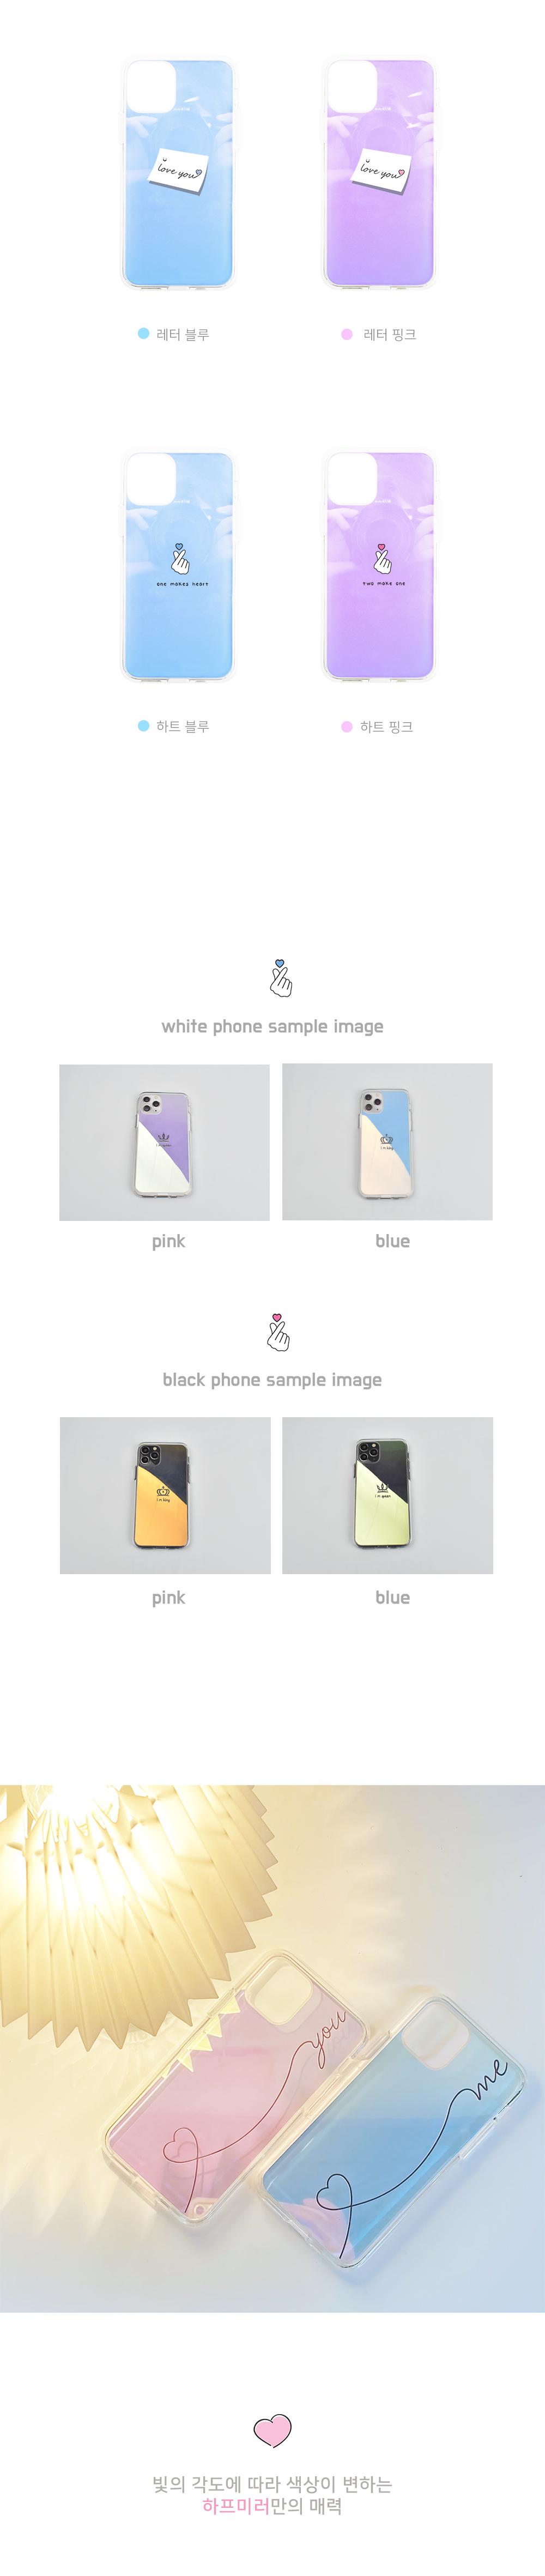 나인어클락 하프미러 한쌍 커플 케이스 - 갤럭시s9+ - 나인어클락, 17,800원, 케이스, 갤럭시S9/S9플러스